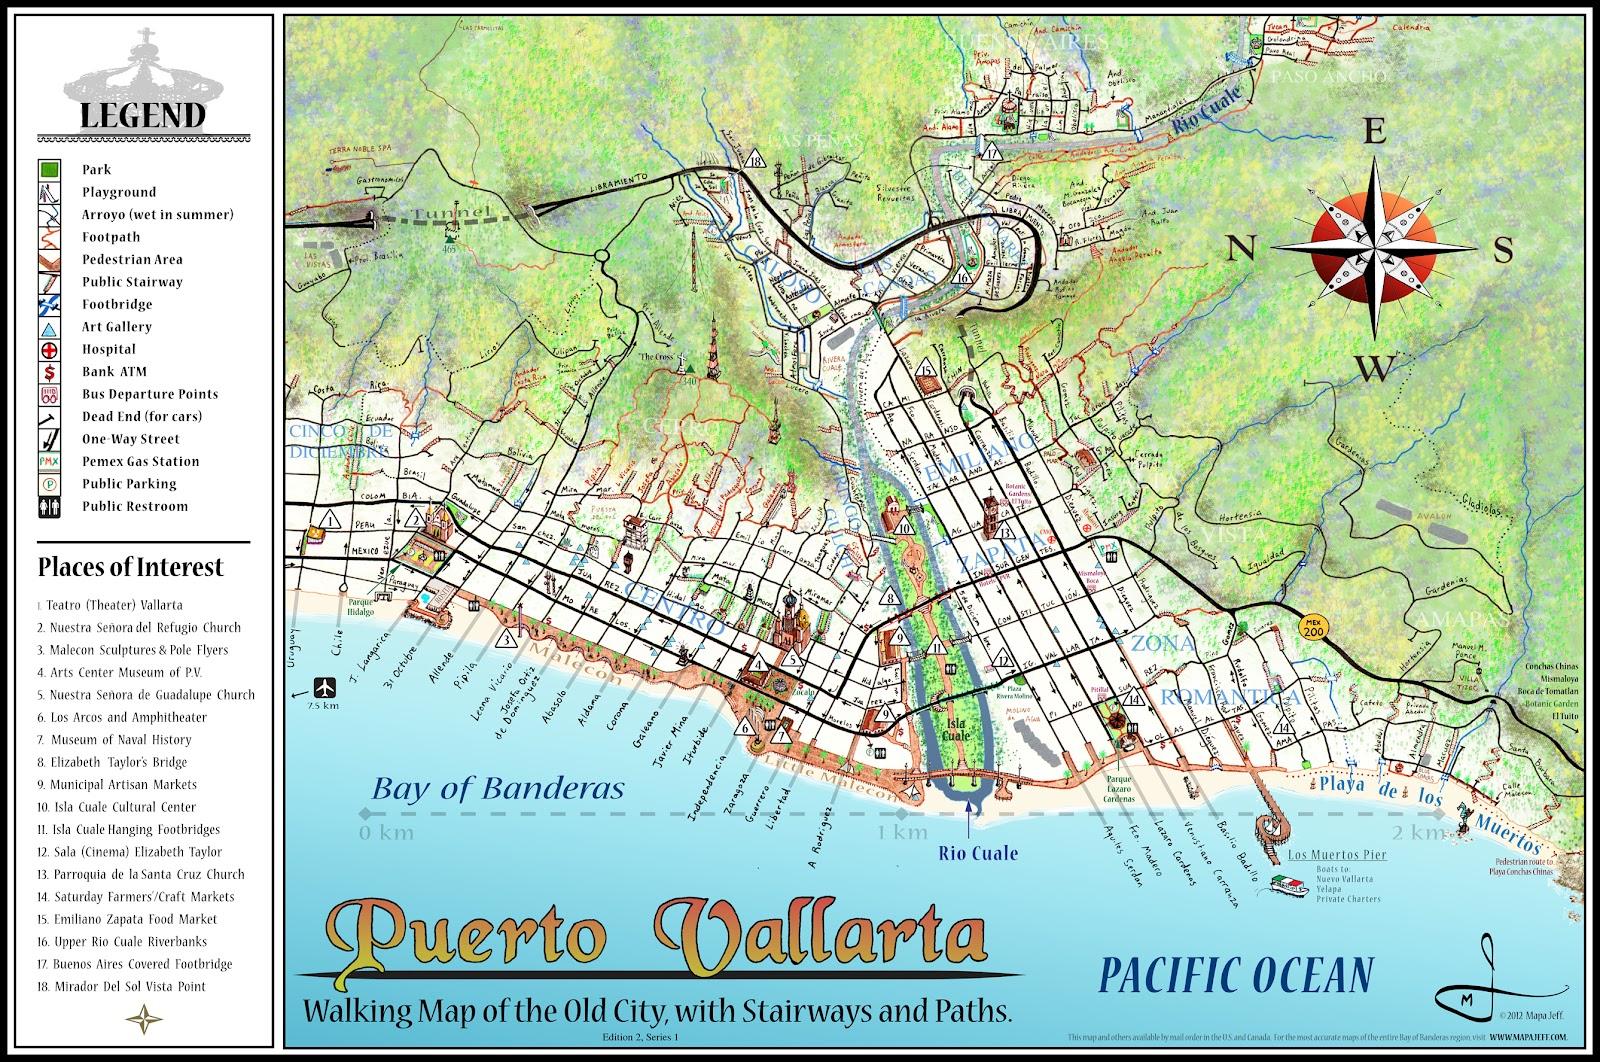 puerto vallarta walking map edition 2